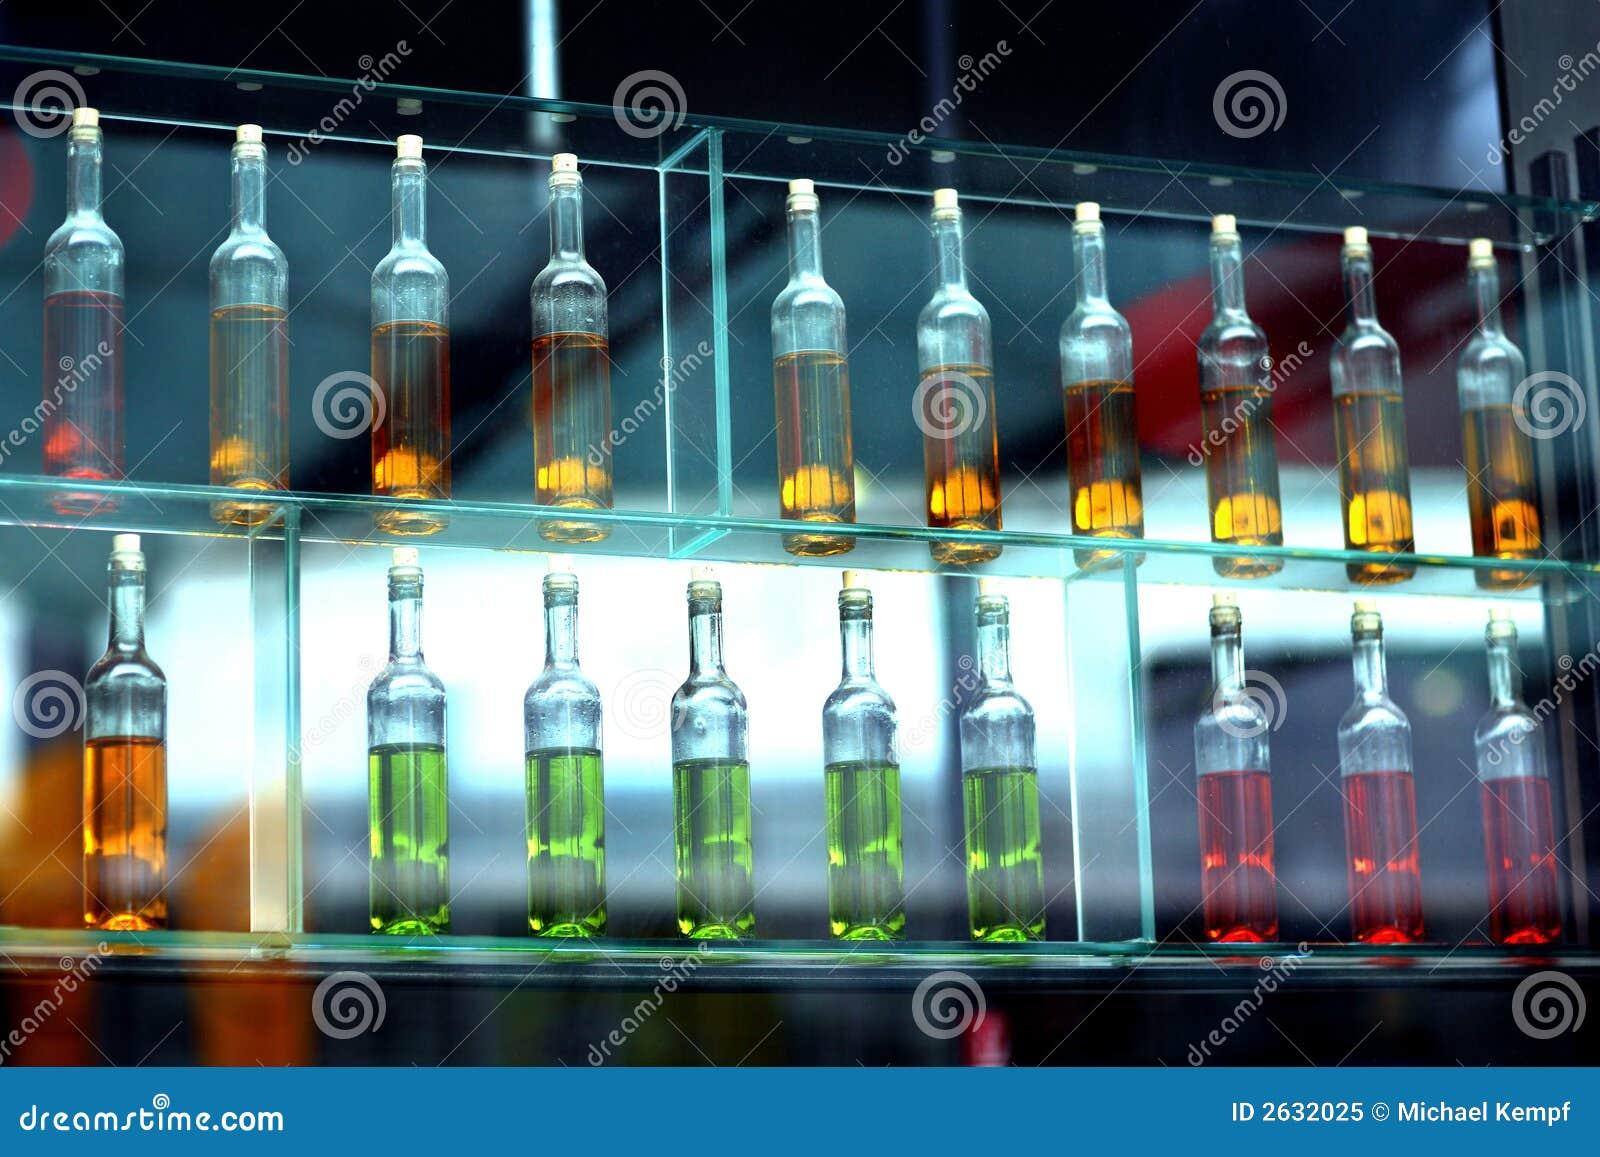 Flasche stockbild. Bild von getränk, modern, farbe, glas - 2632025